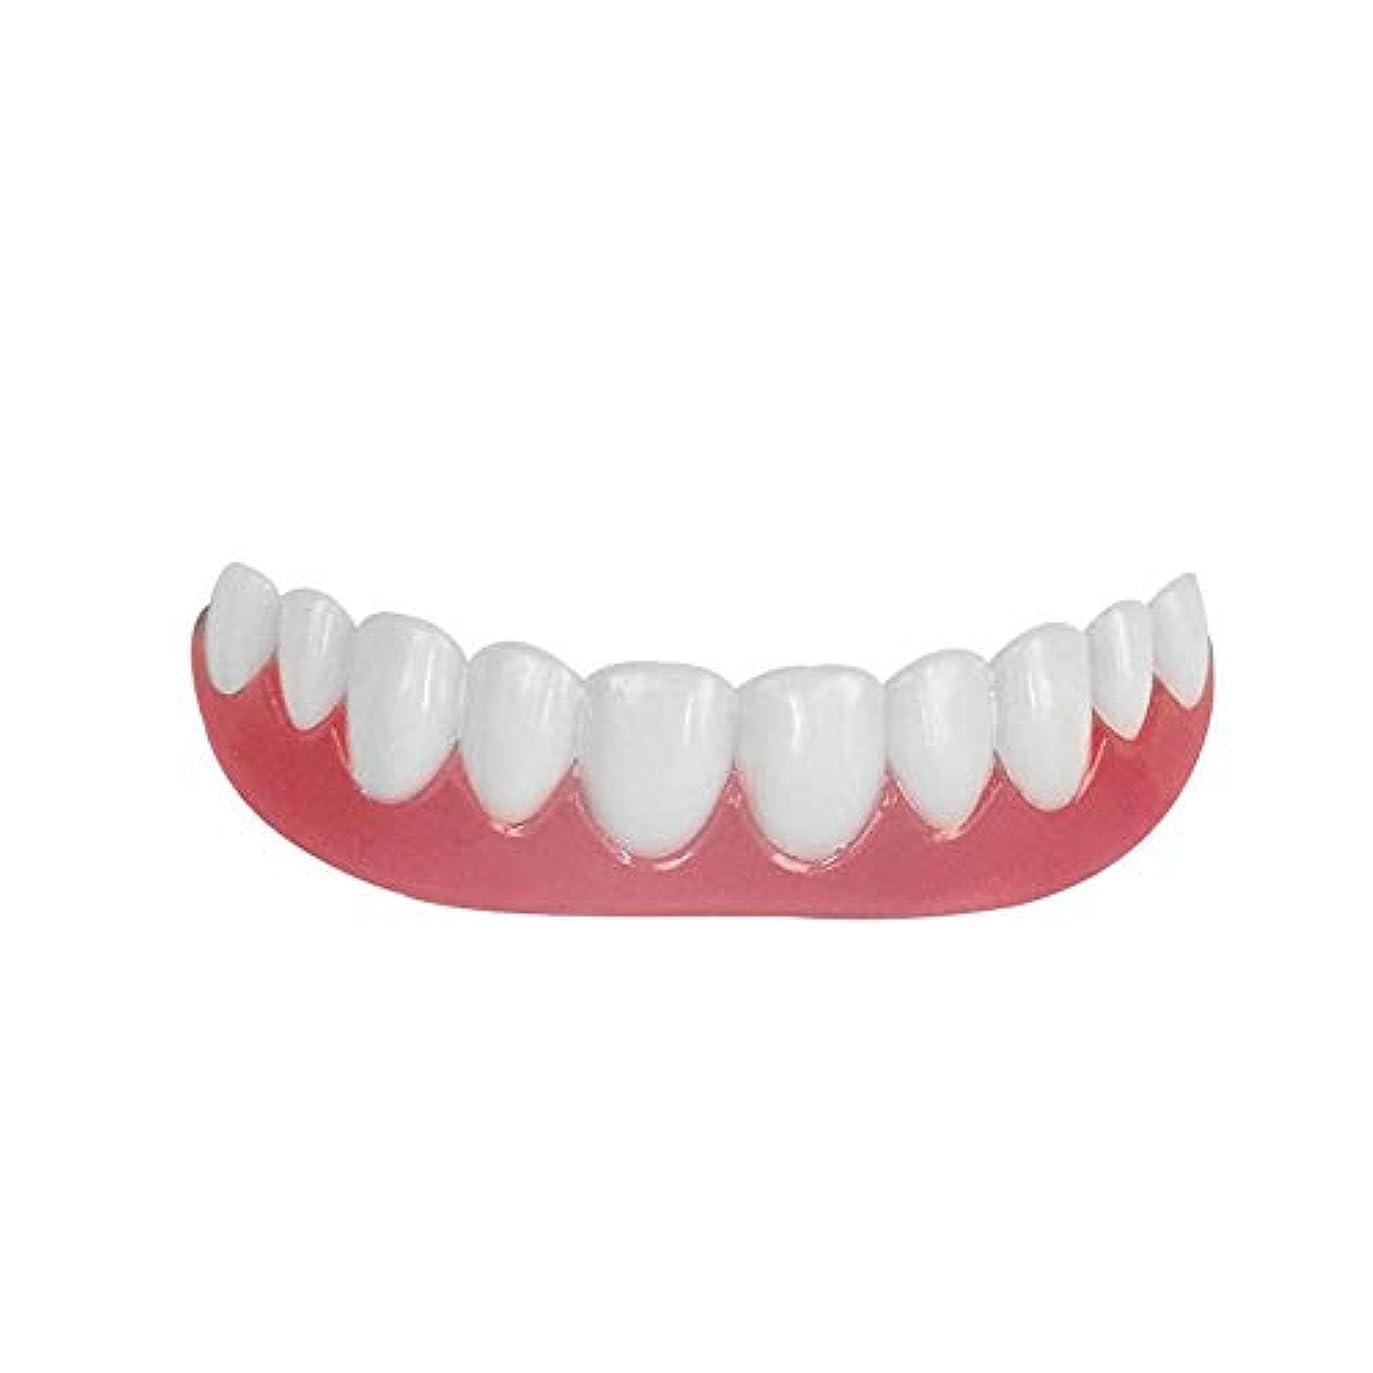 師匠ほうきひもシリコーン模擬歯上歯、歯科用ステッカーのホワイトニング、歯のホワイトニングセット(1pcs),A